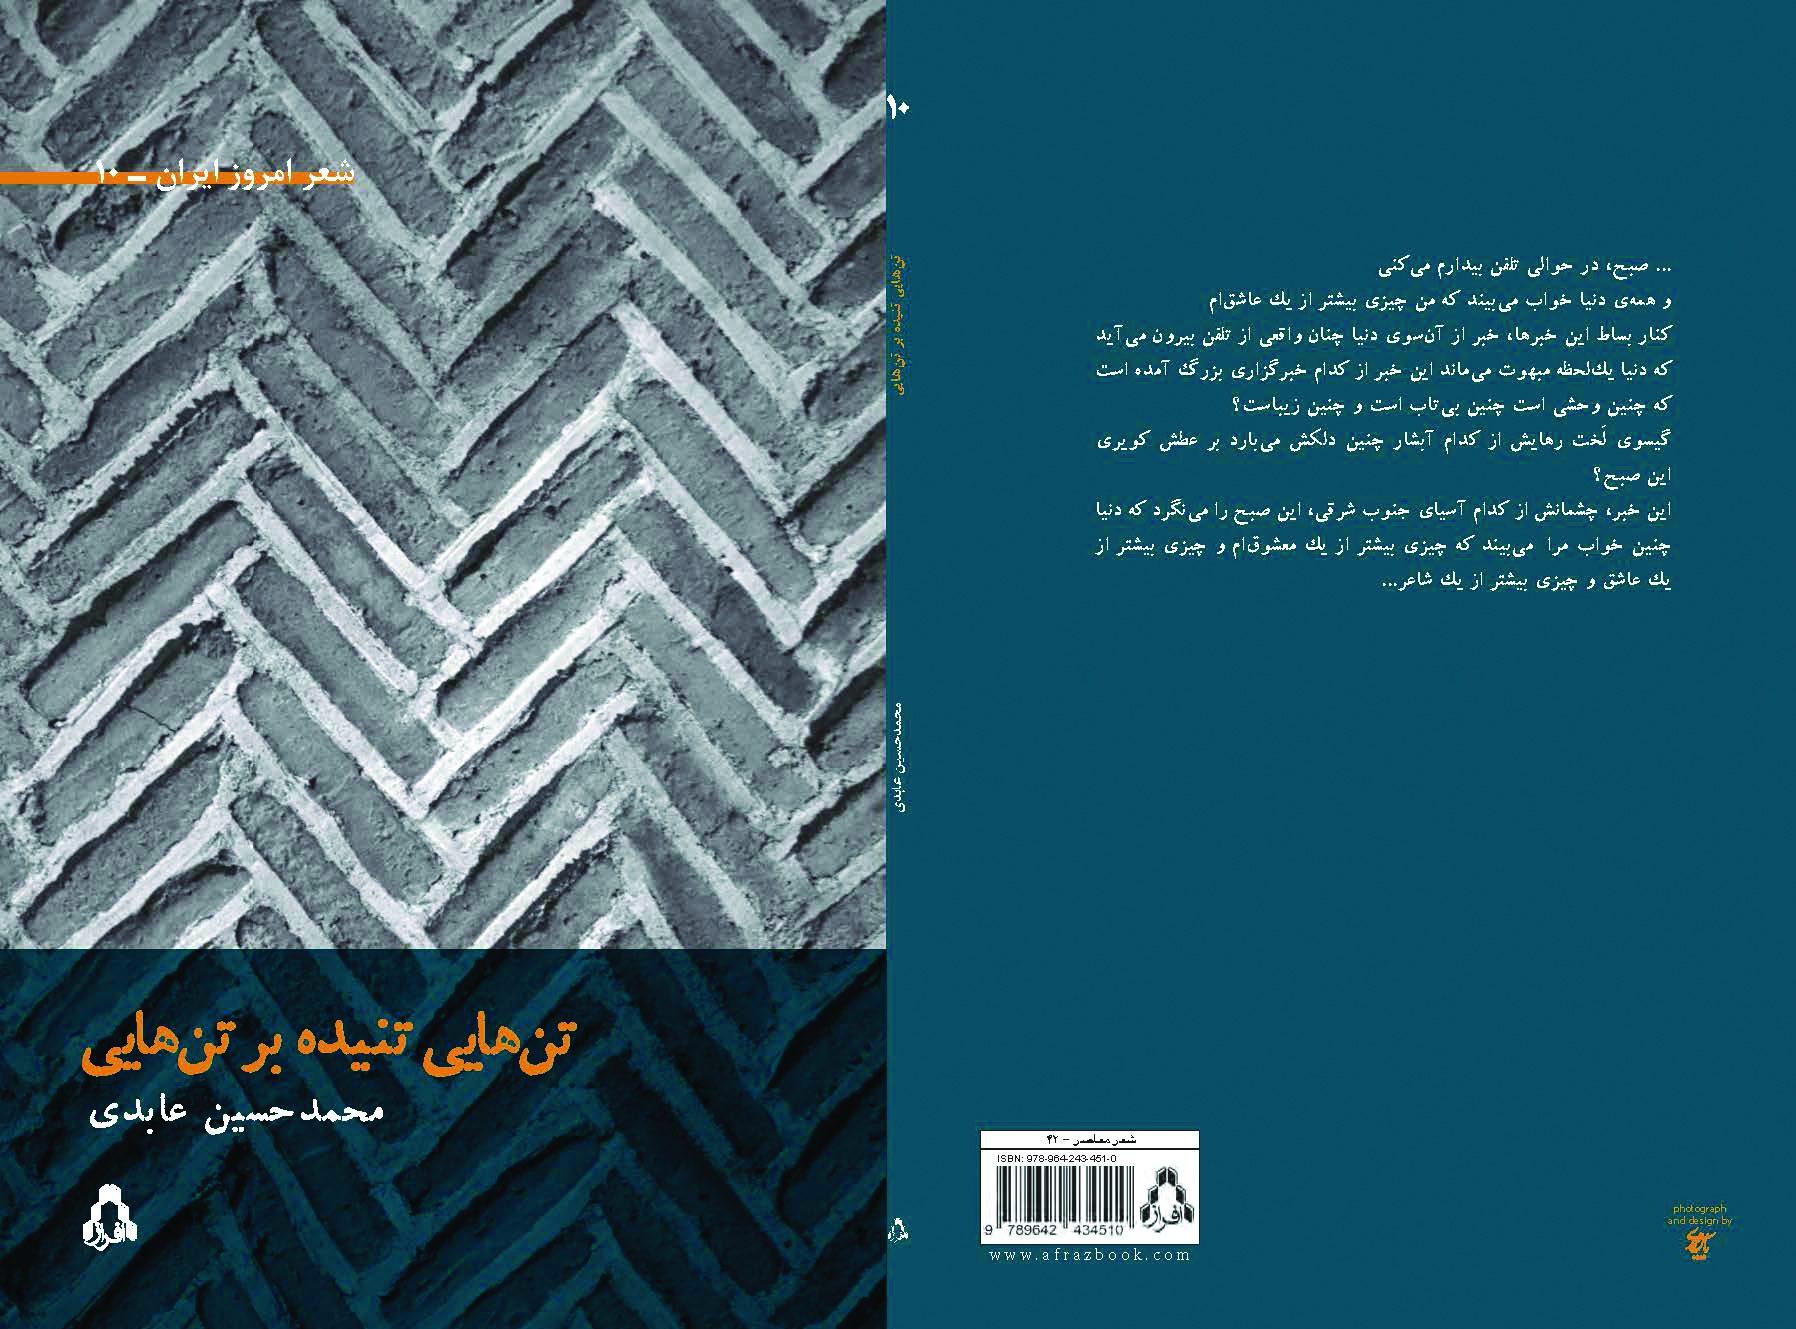 سه شعر جدید از محمدحسین عابدی